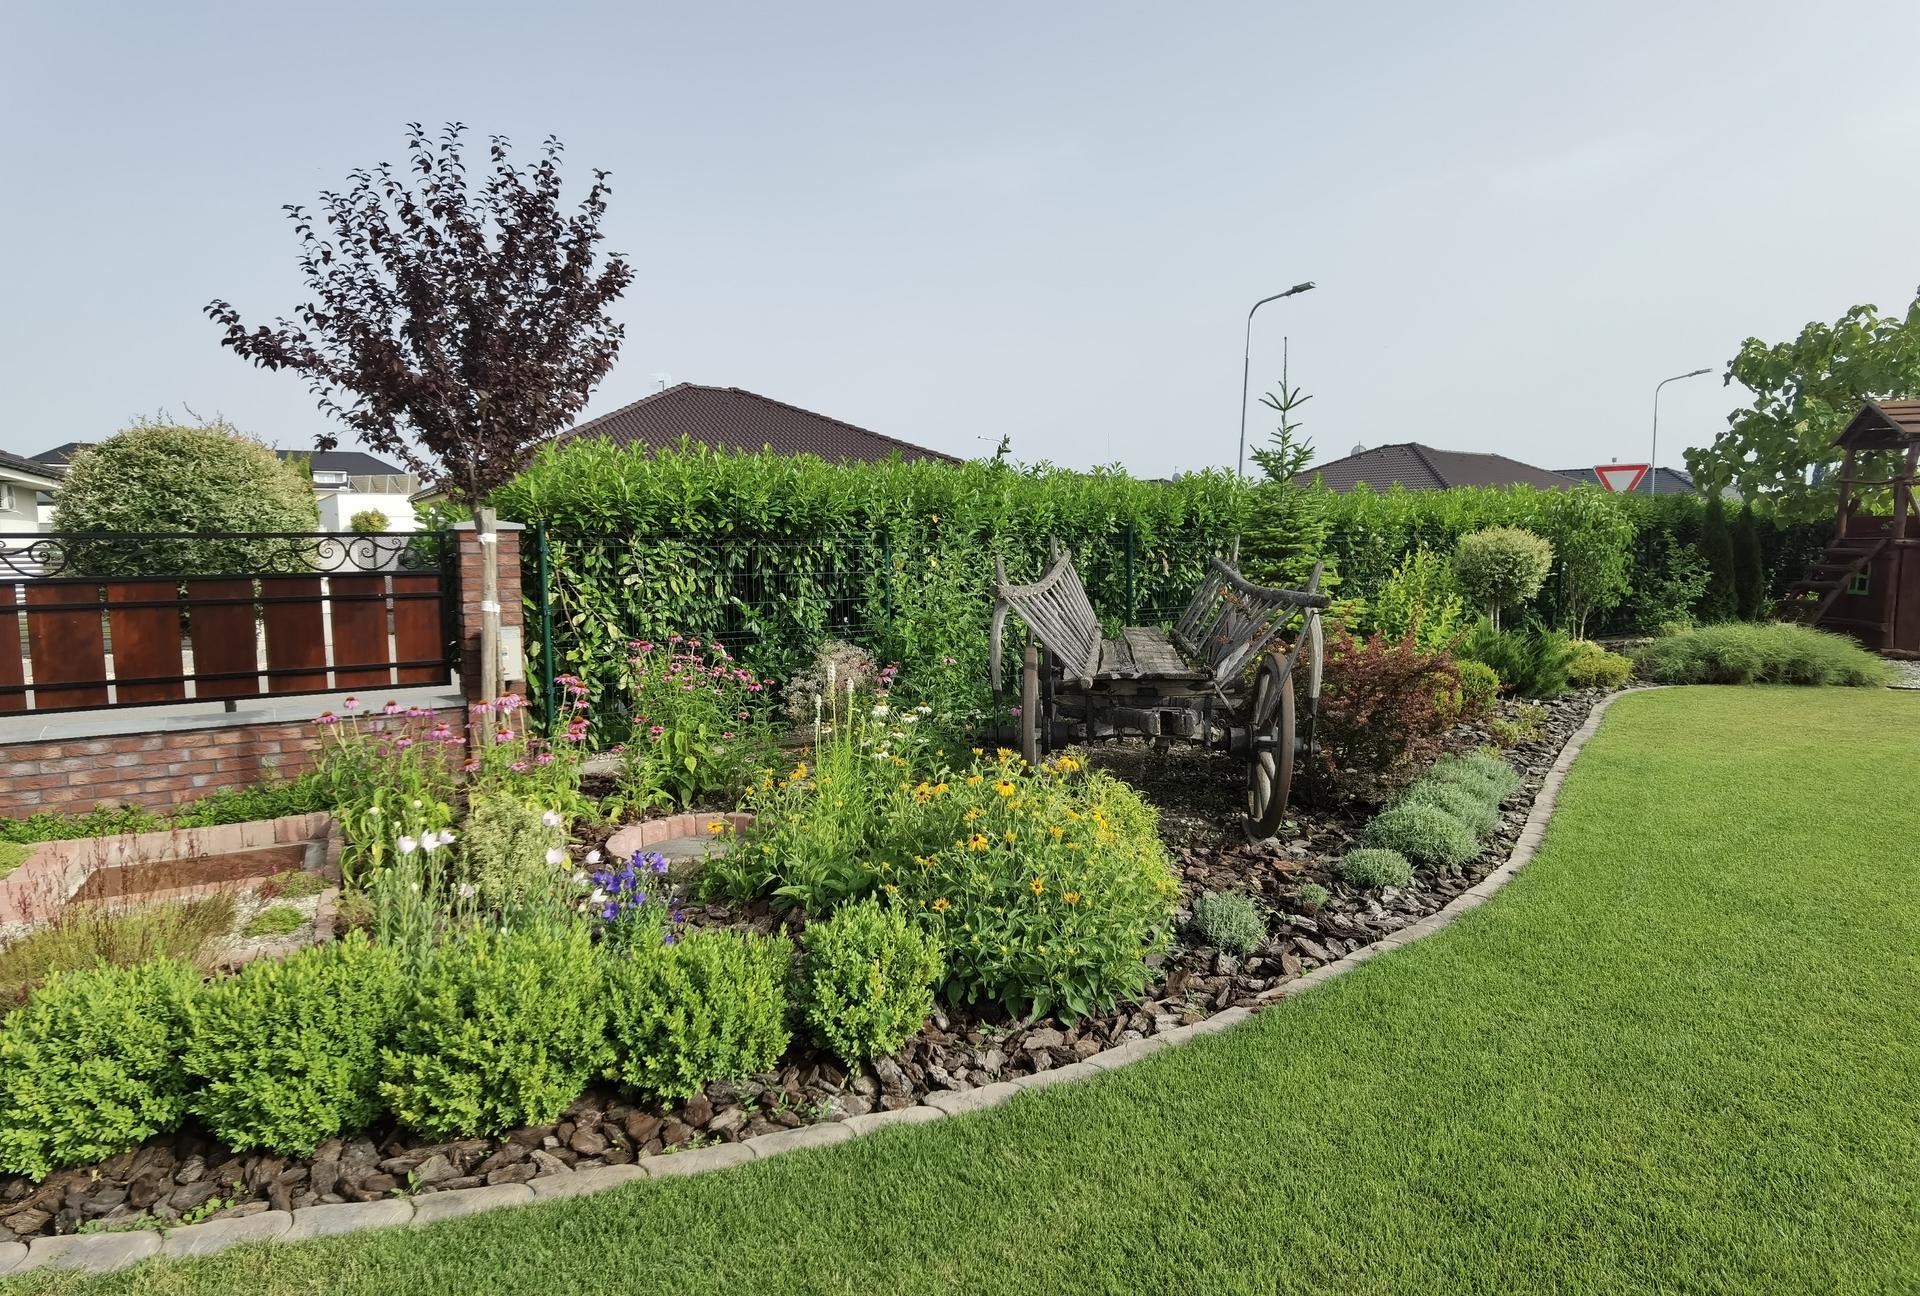 Záhrada 2021 - Obrázok č. 37